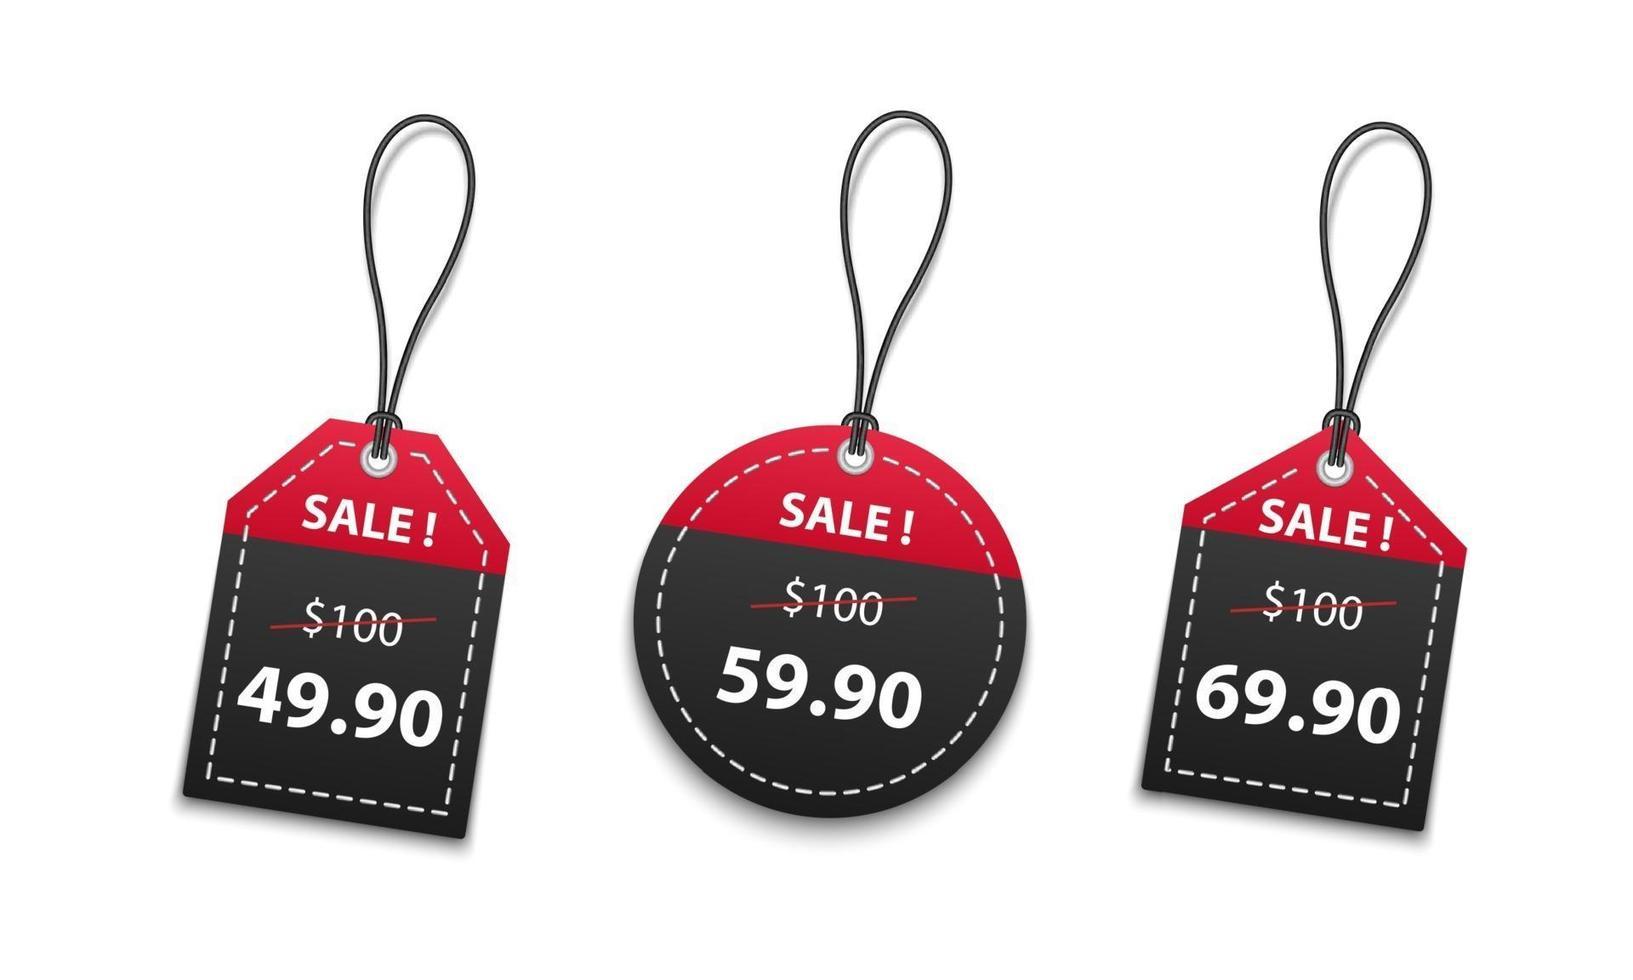 För försäljning för prislappar för röd och svart papper 3d isolerad på vit bakgrund, vektorillustration vektor